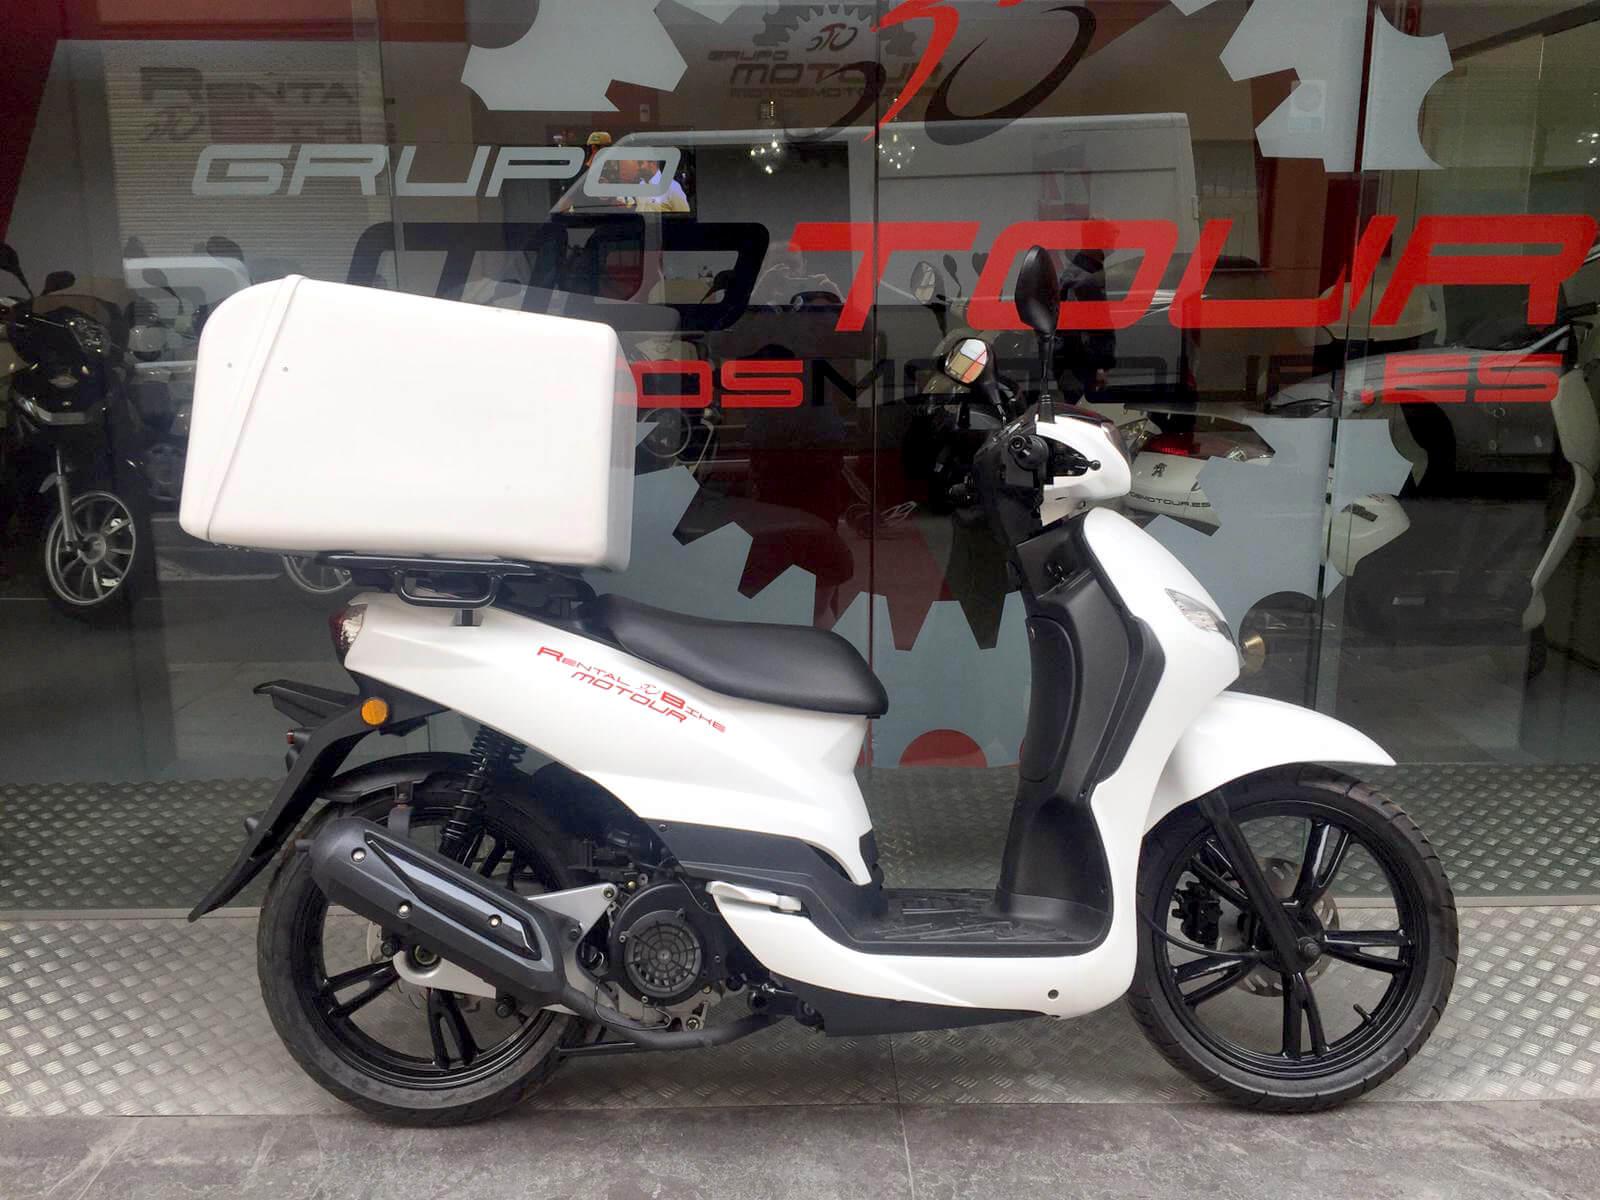 Peugeot tweet moto 125 renting repartidores